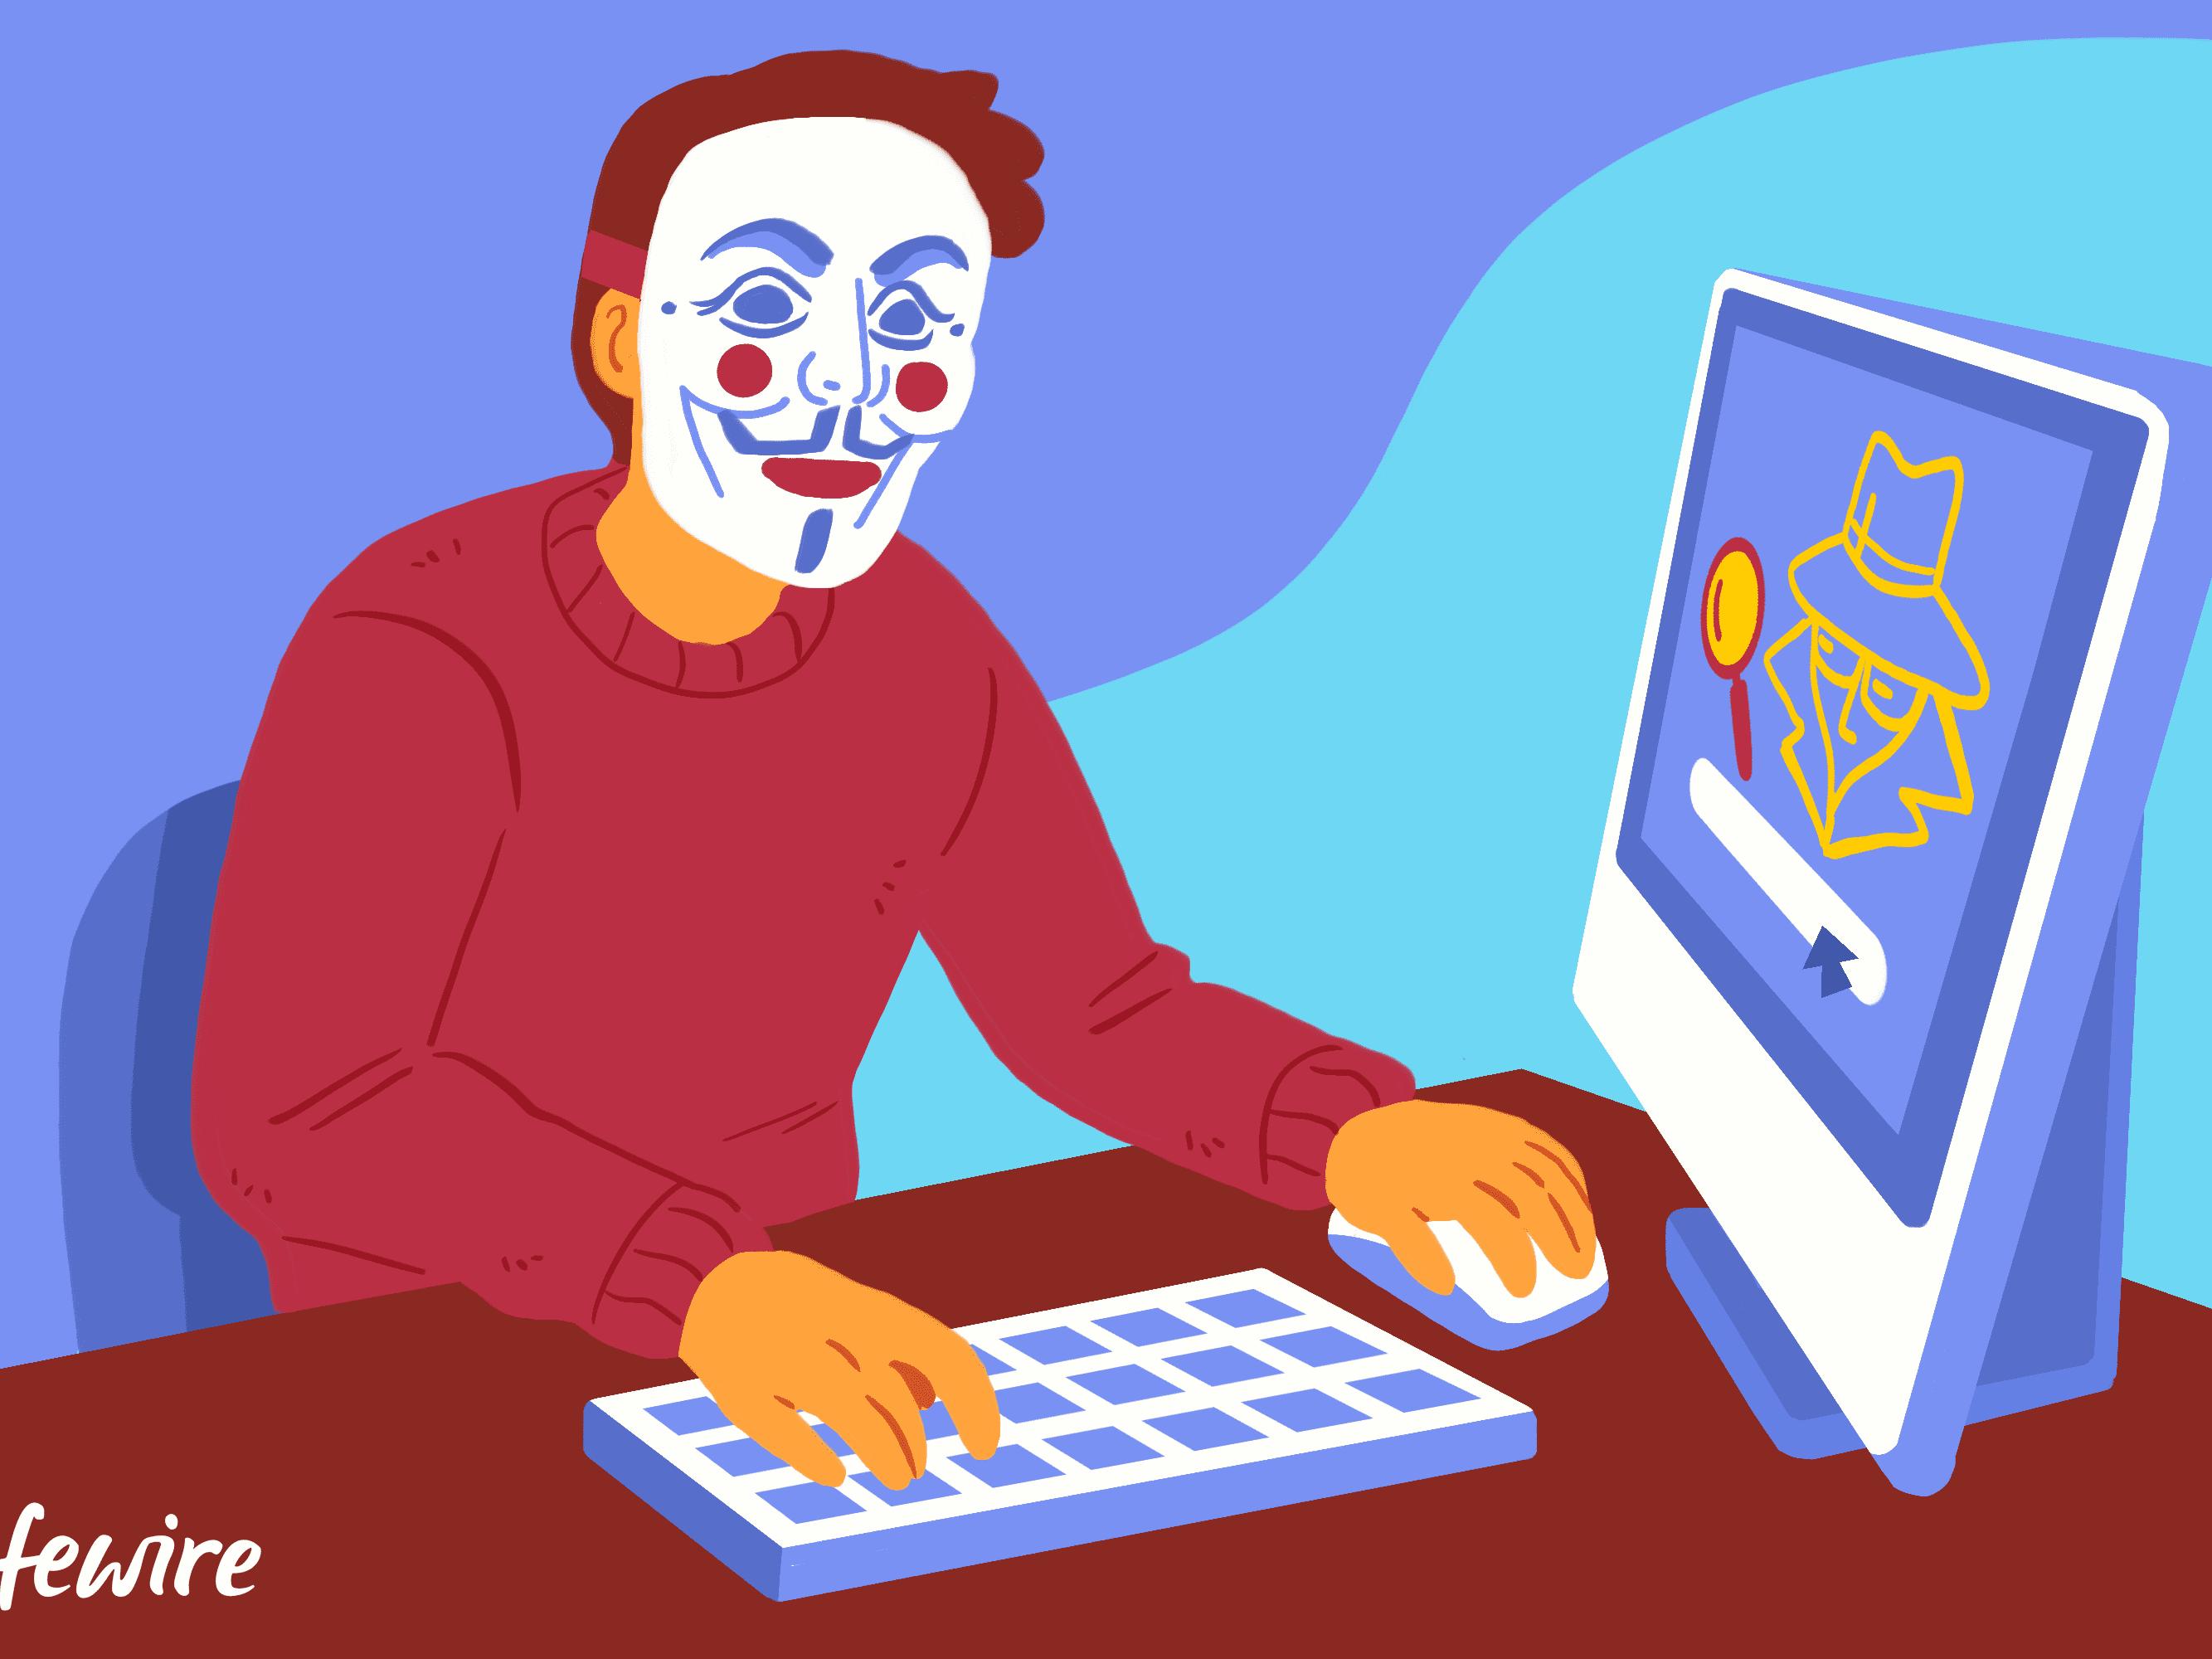 Anonymous Proxy Pro 8.05 [Multilenguaje] [Tres Servidores] Free-anonymous-web-proxy-servers-818058-Final-5beb4ba7c9e77c005164ea0e